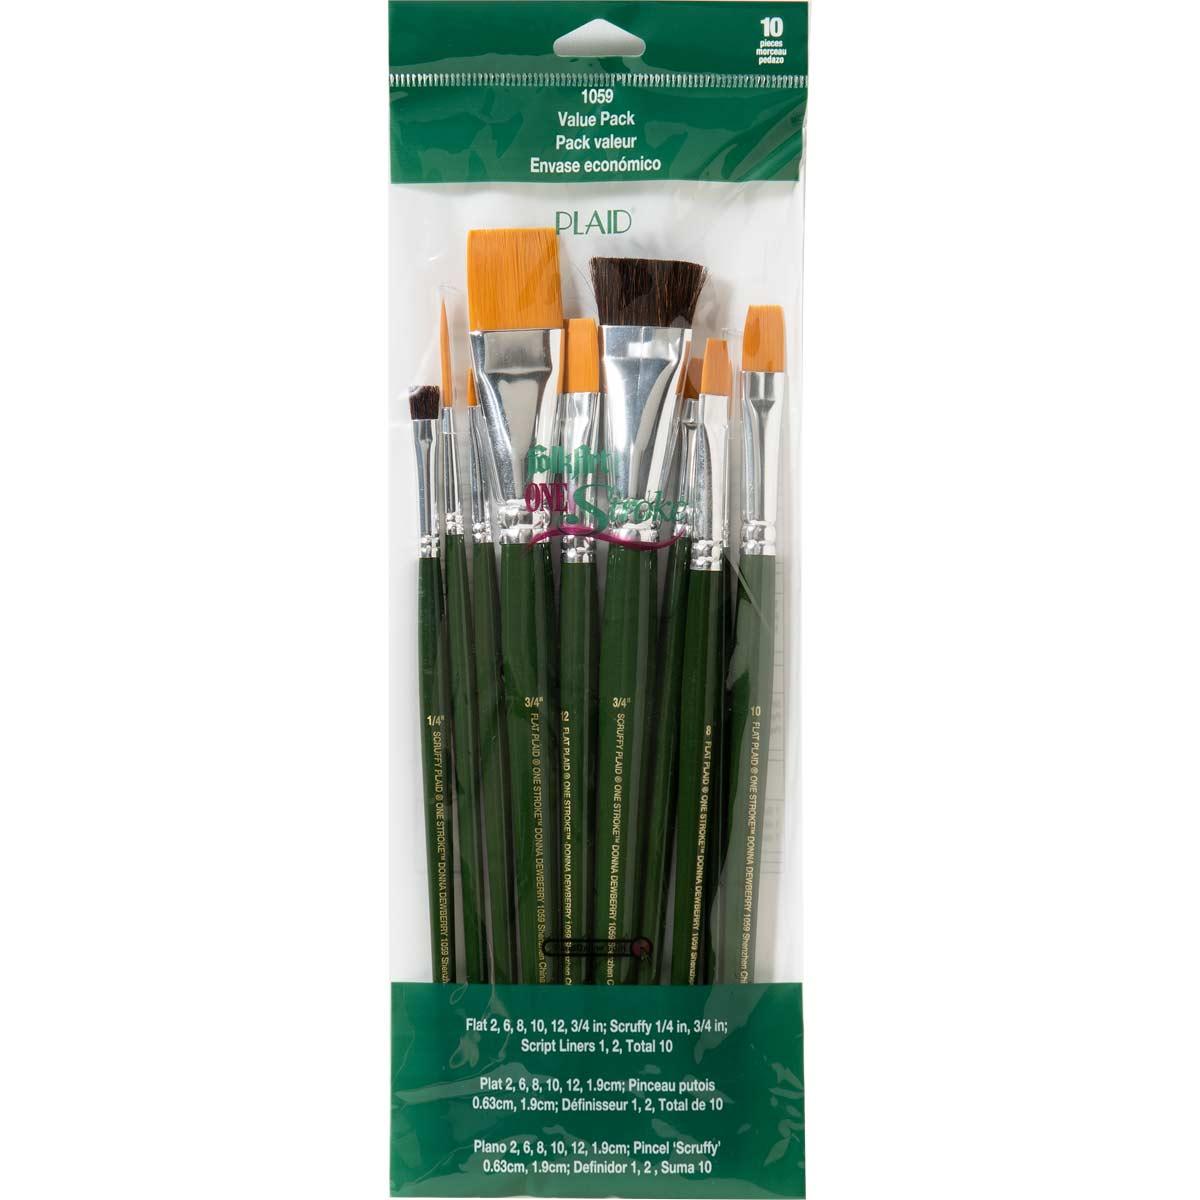 FolkArt ® One Stroke™ Brushes - Brush Sets - Value Pack